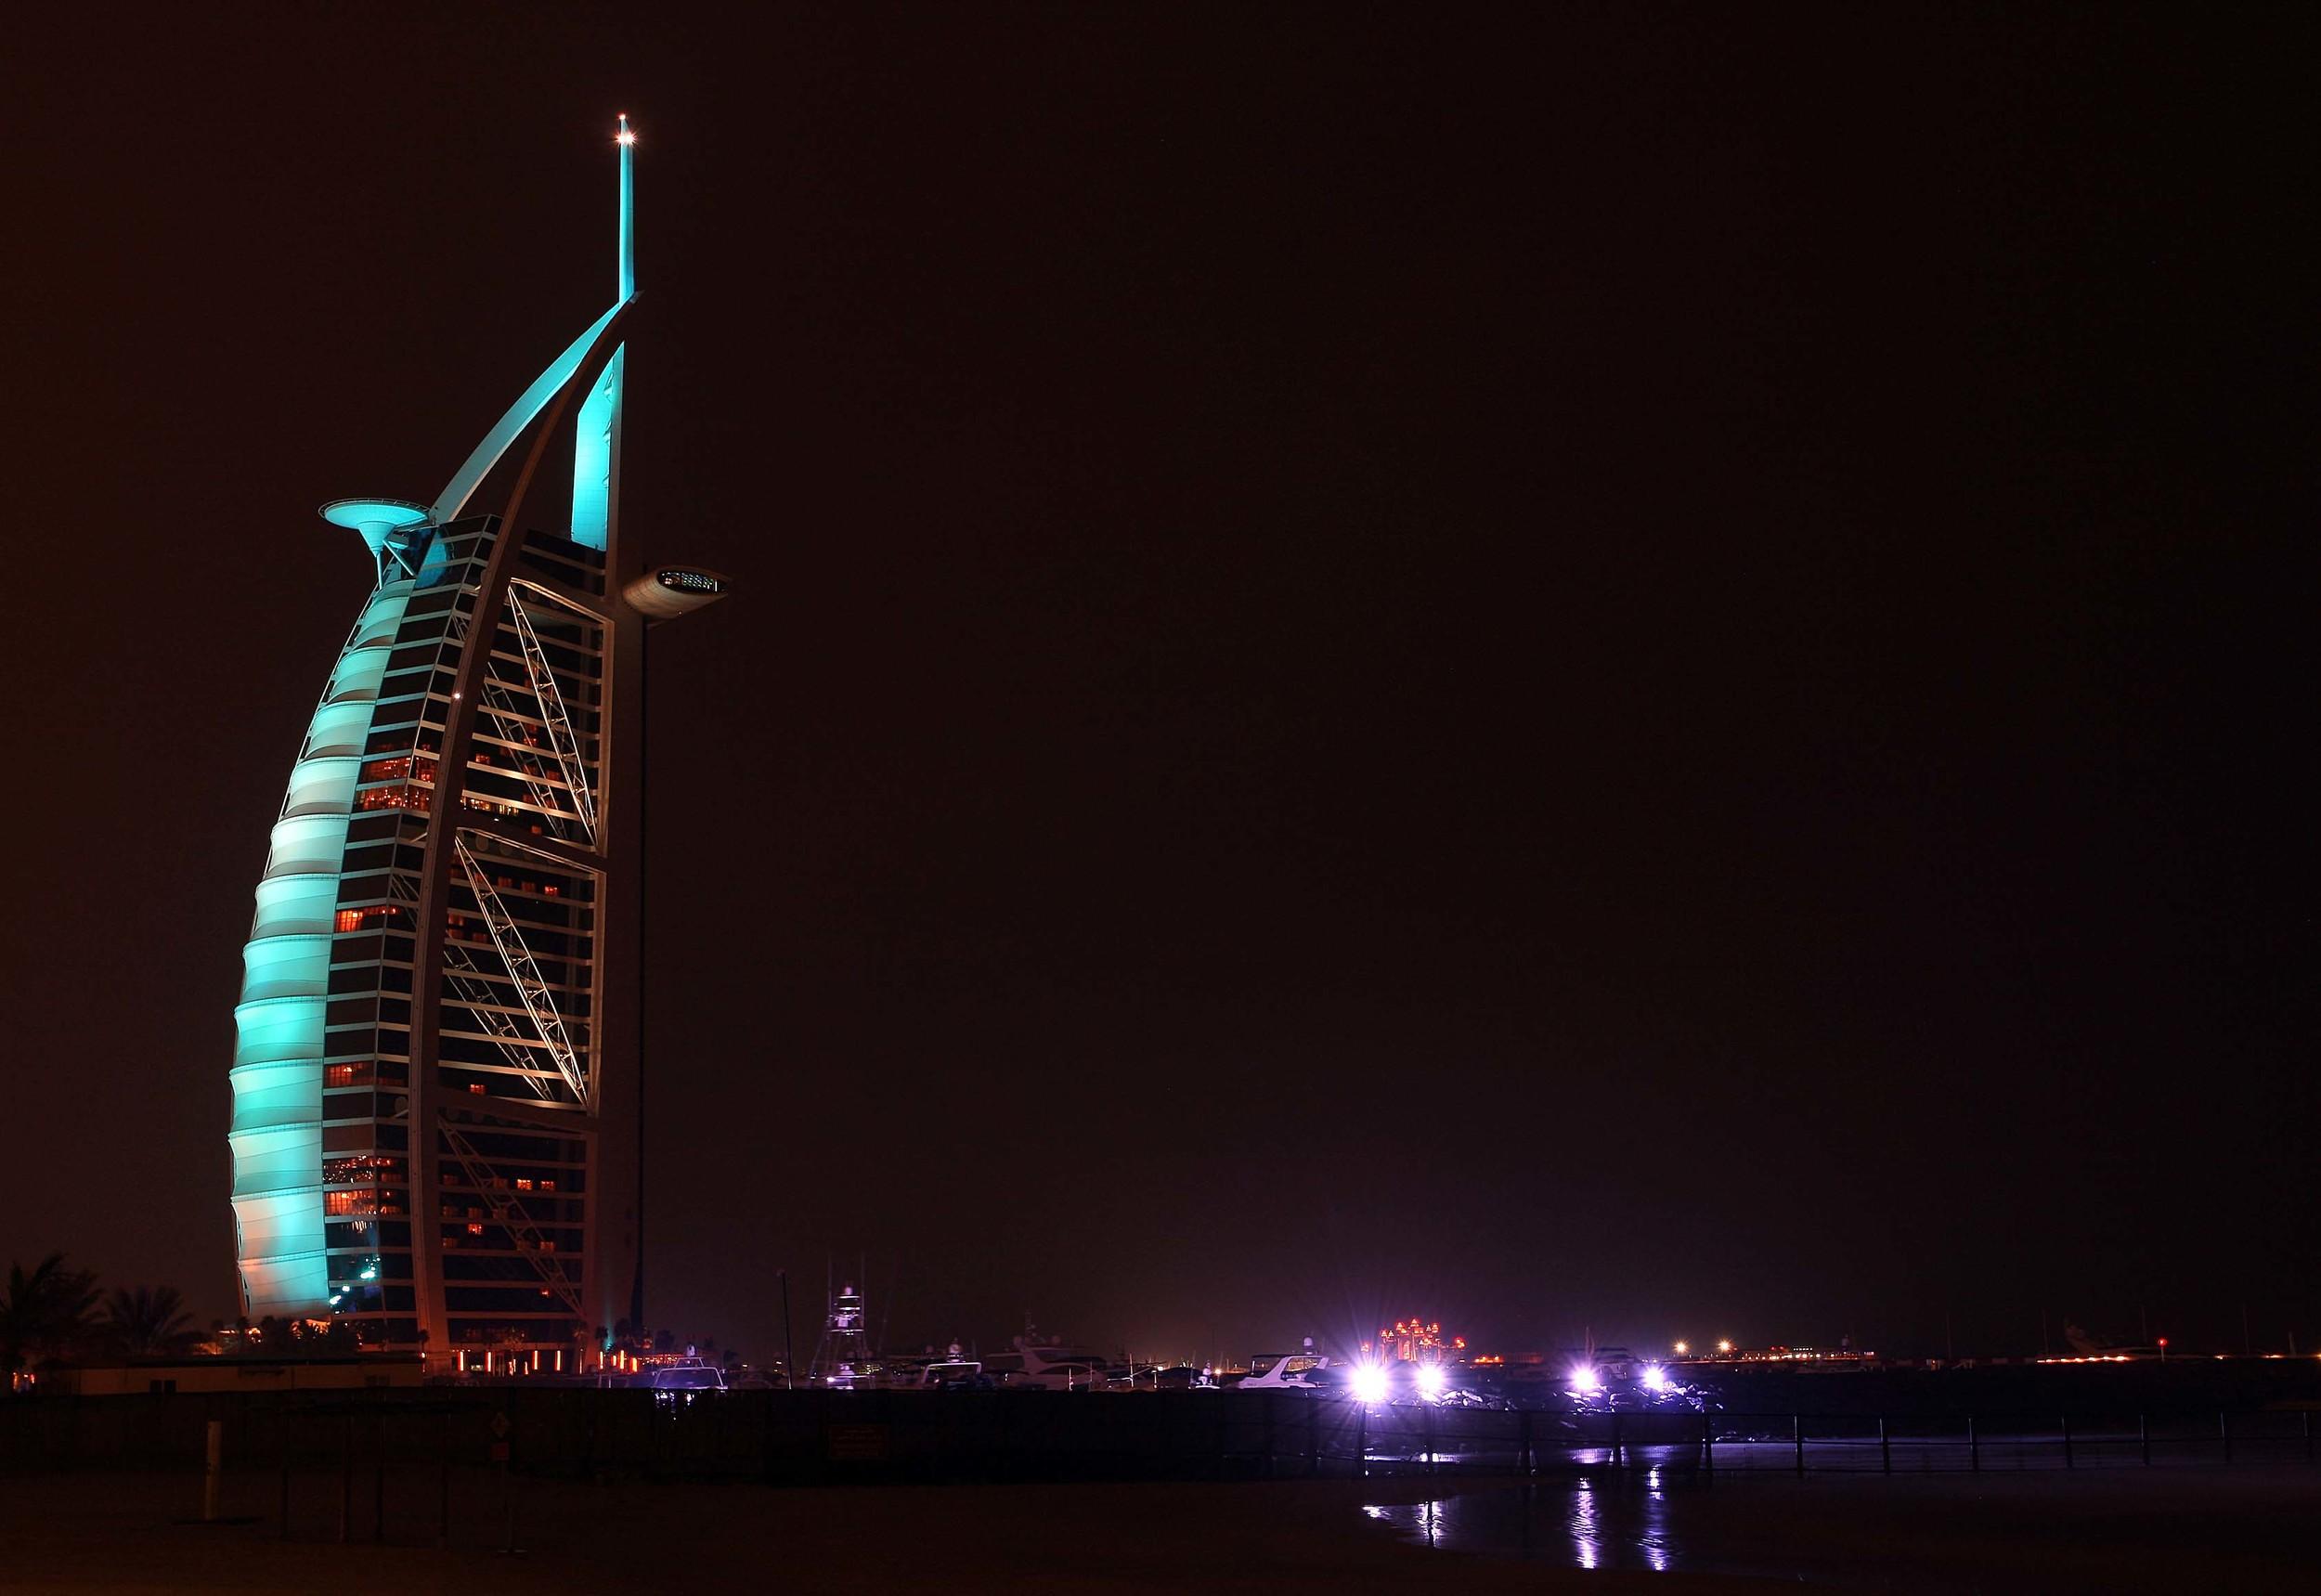 The Burj Al Arab Hotel - Dubai